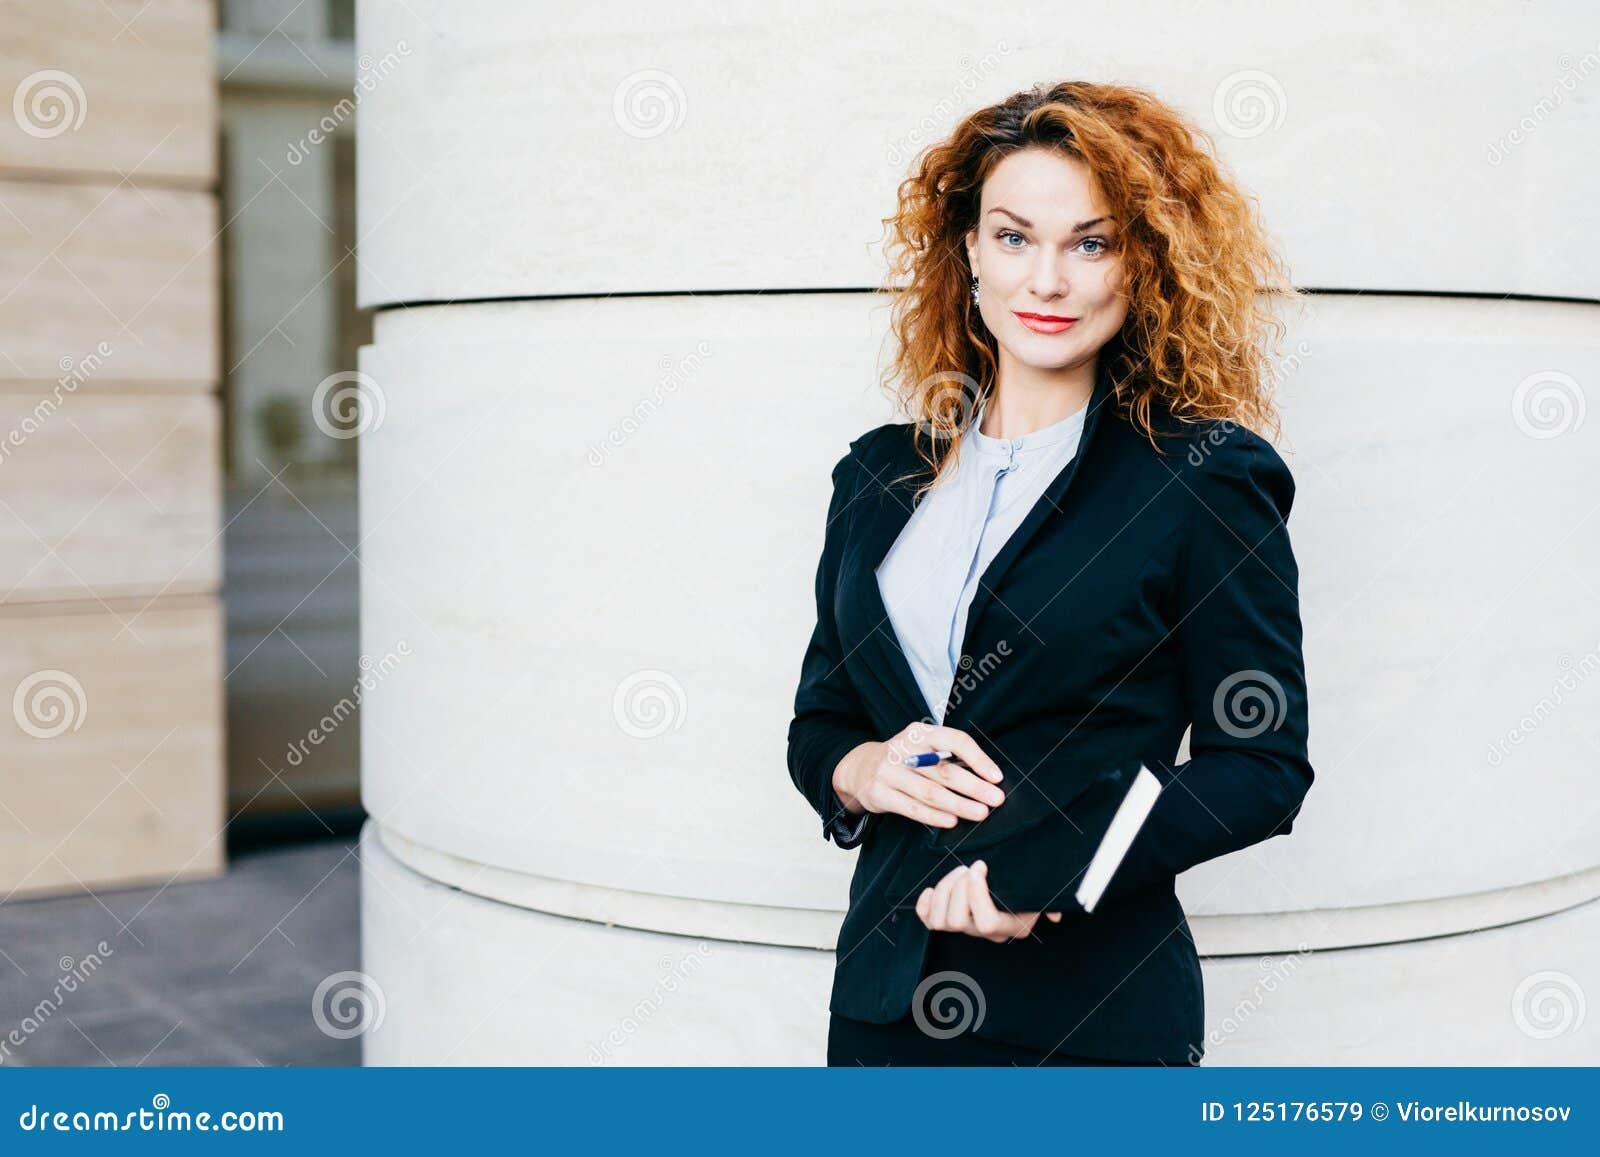 Angenehm-aussehende gelockte Frau kleidete formal an und hielt Notizbuch in den Händen und ging, Sitzungsesprit zu haben ihre Tei